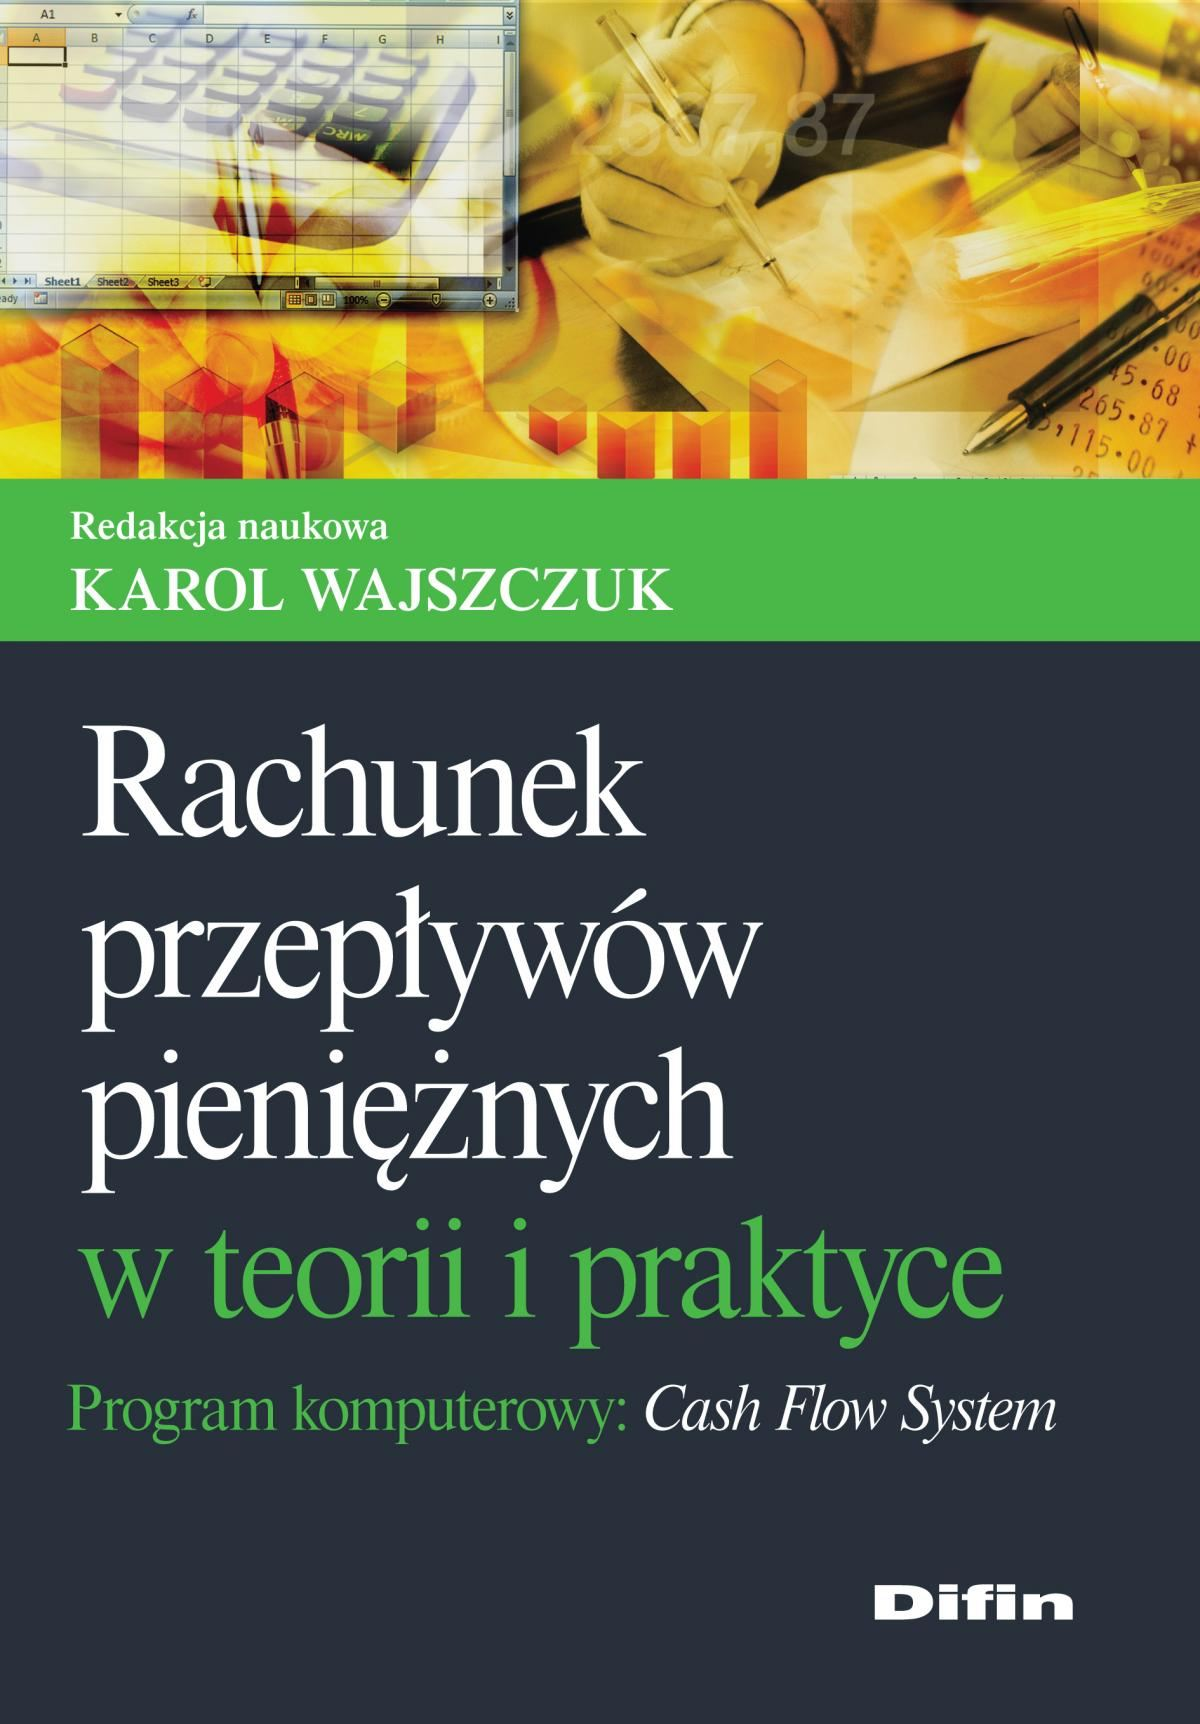 Rachunek przepływów pieniężnych w teorii i praktyce. Program komputerowy Cash Flow System - Ebook (Książka na Kindle) do pobrania w formacie MOBI